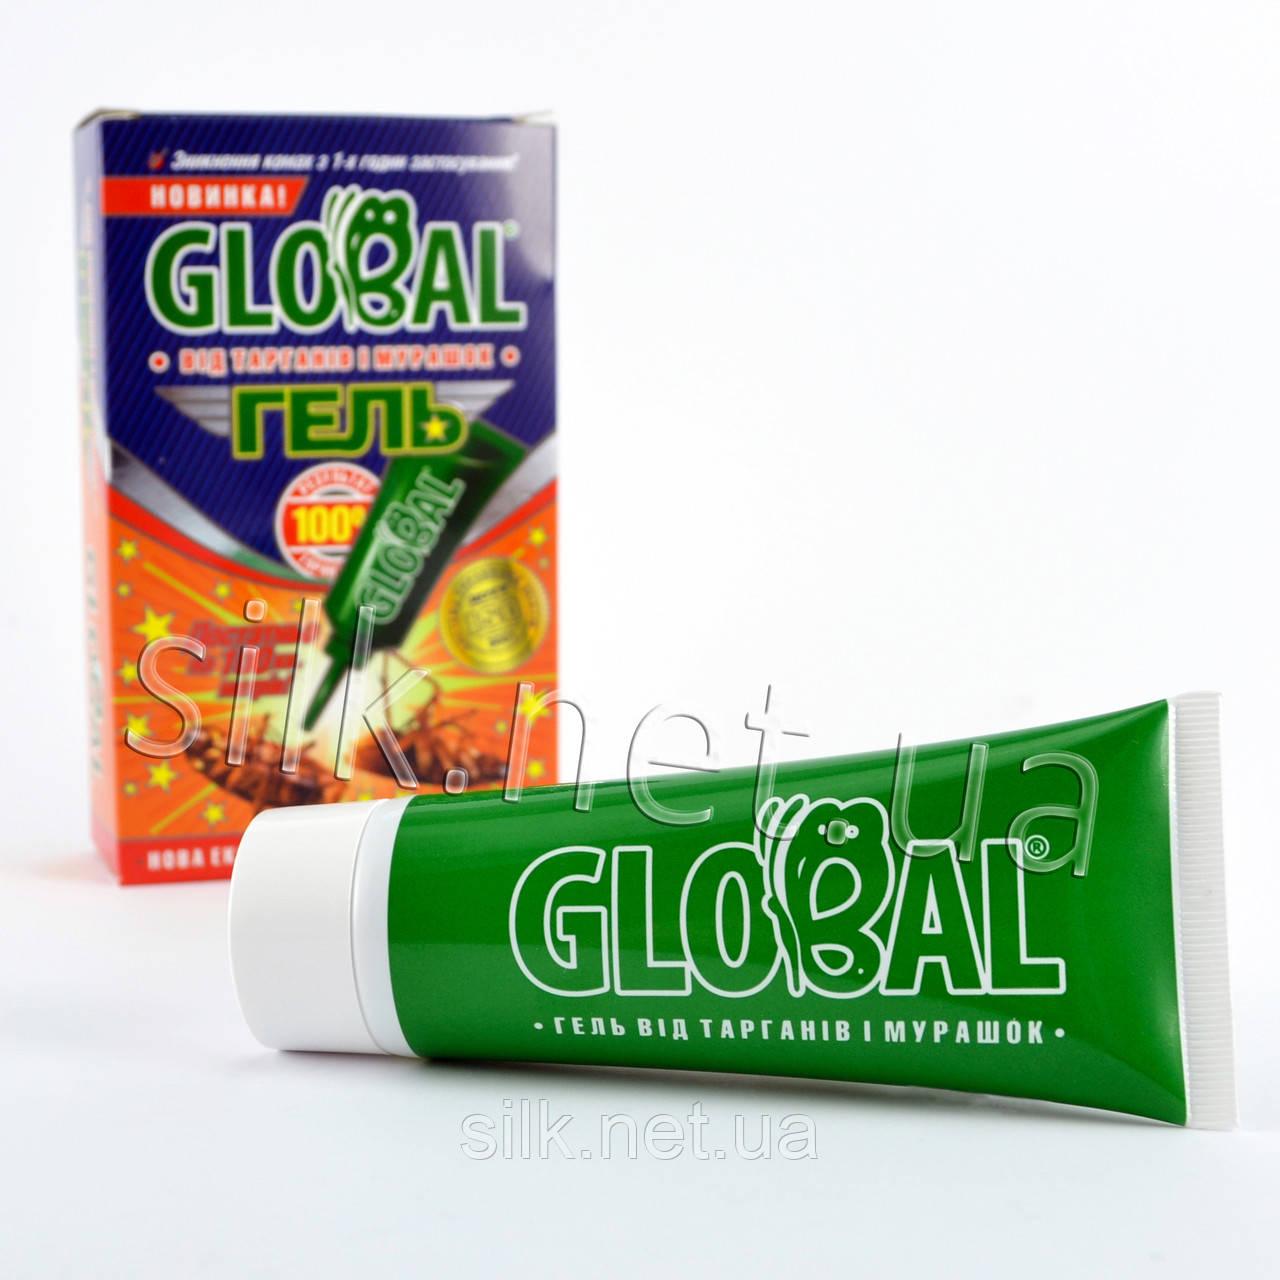 """Гель від тарганів та мурах """"Global"""" в тубі 100г"""